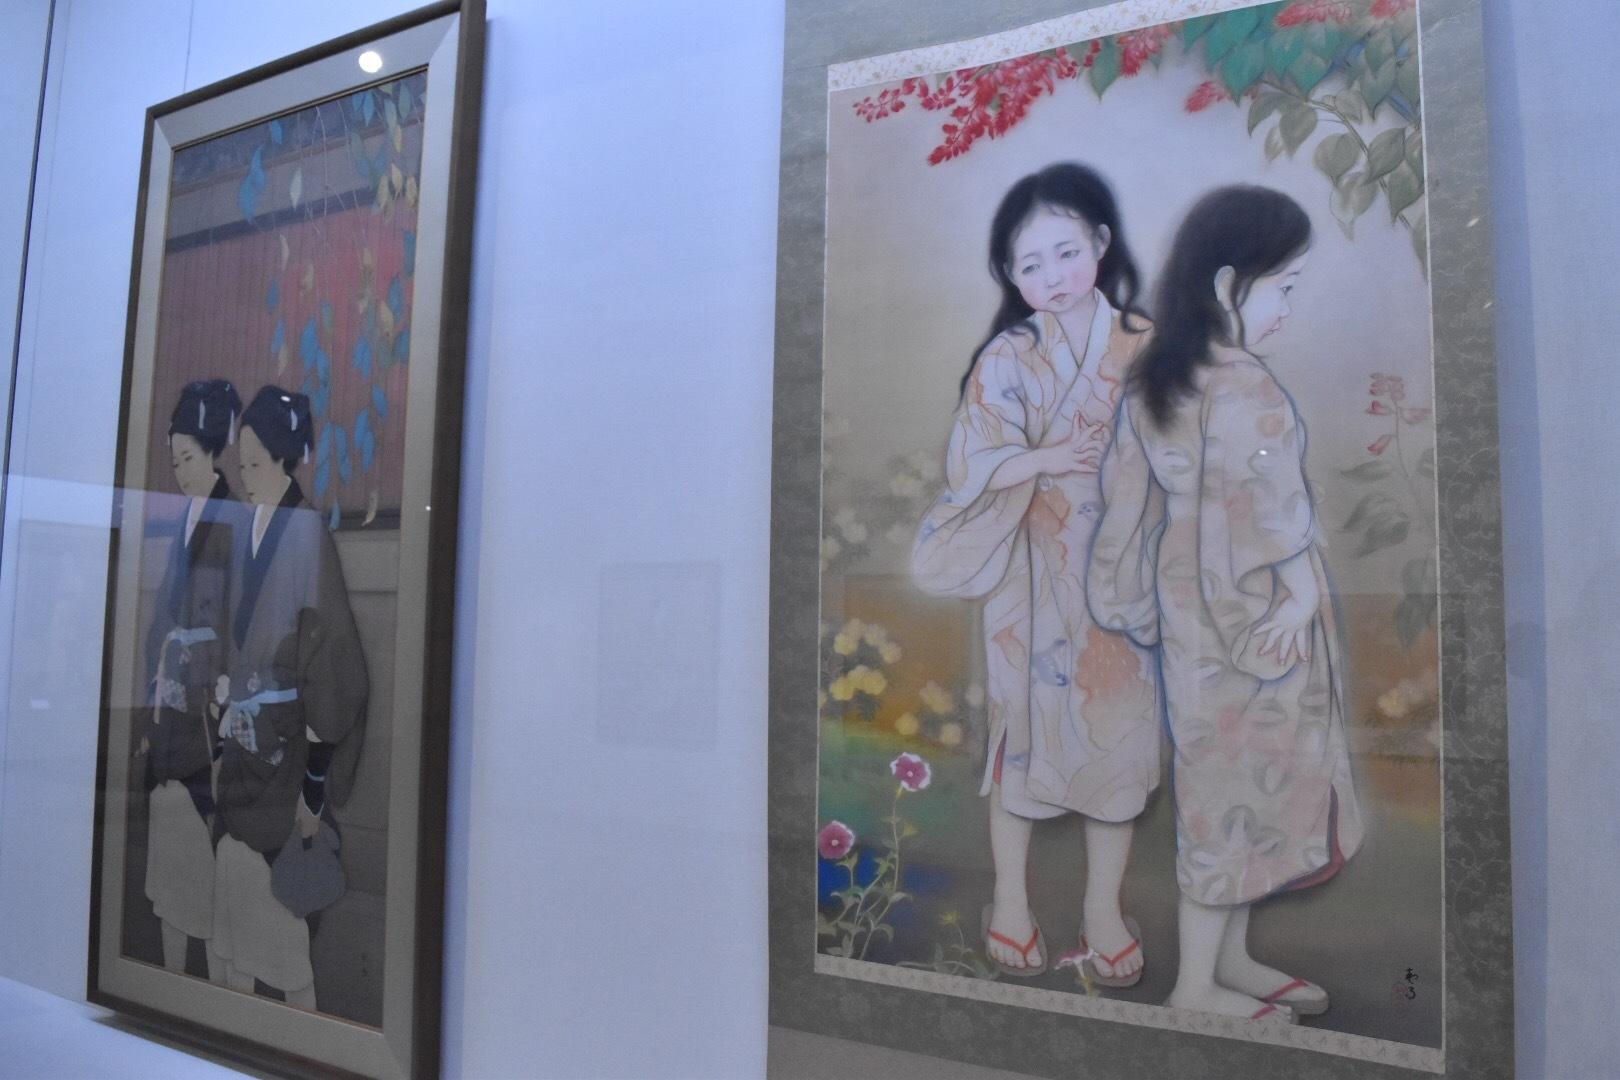 左:菊池契月 《夕至》 大正7(1918)年 京都国立近代美術館 右:菊池契月 《少女》 大正9(1920)年 京都国立近代美術館